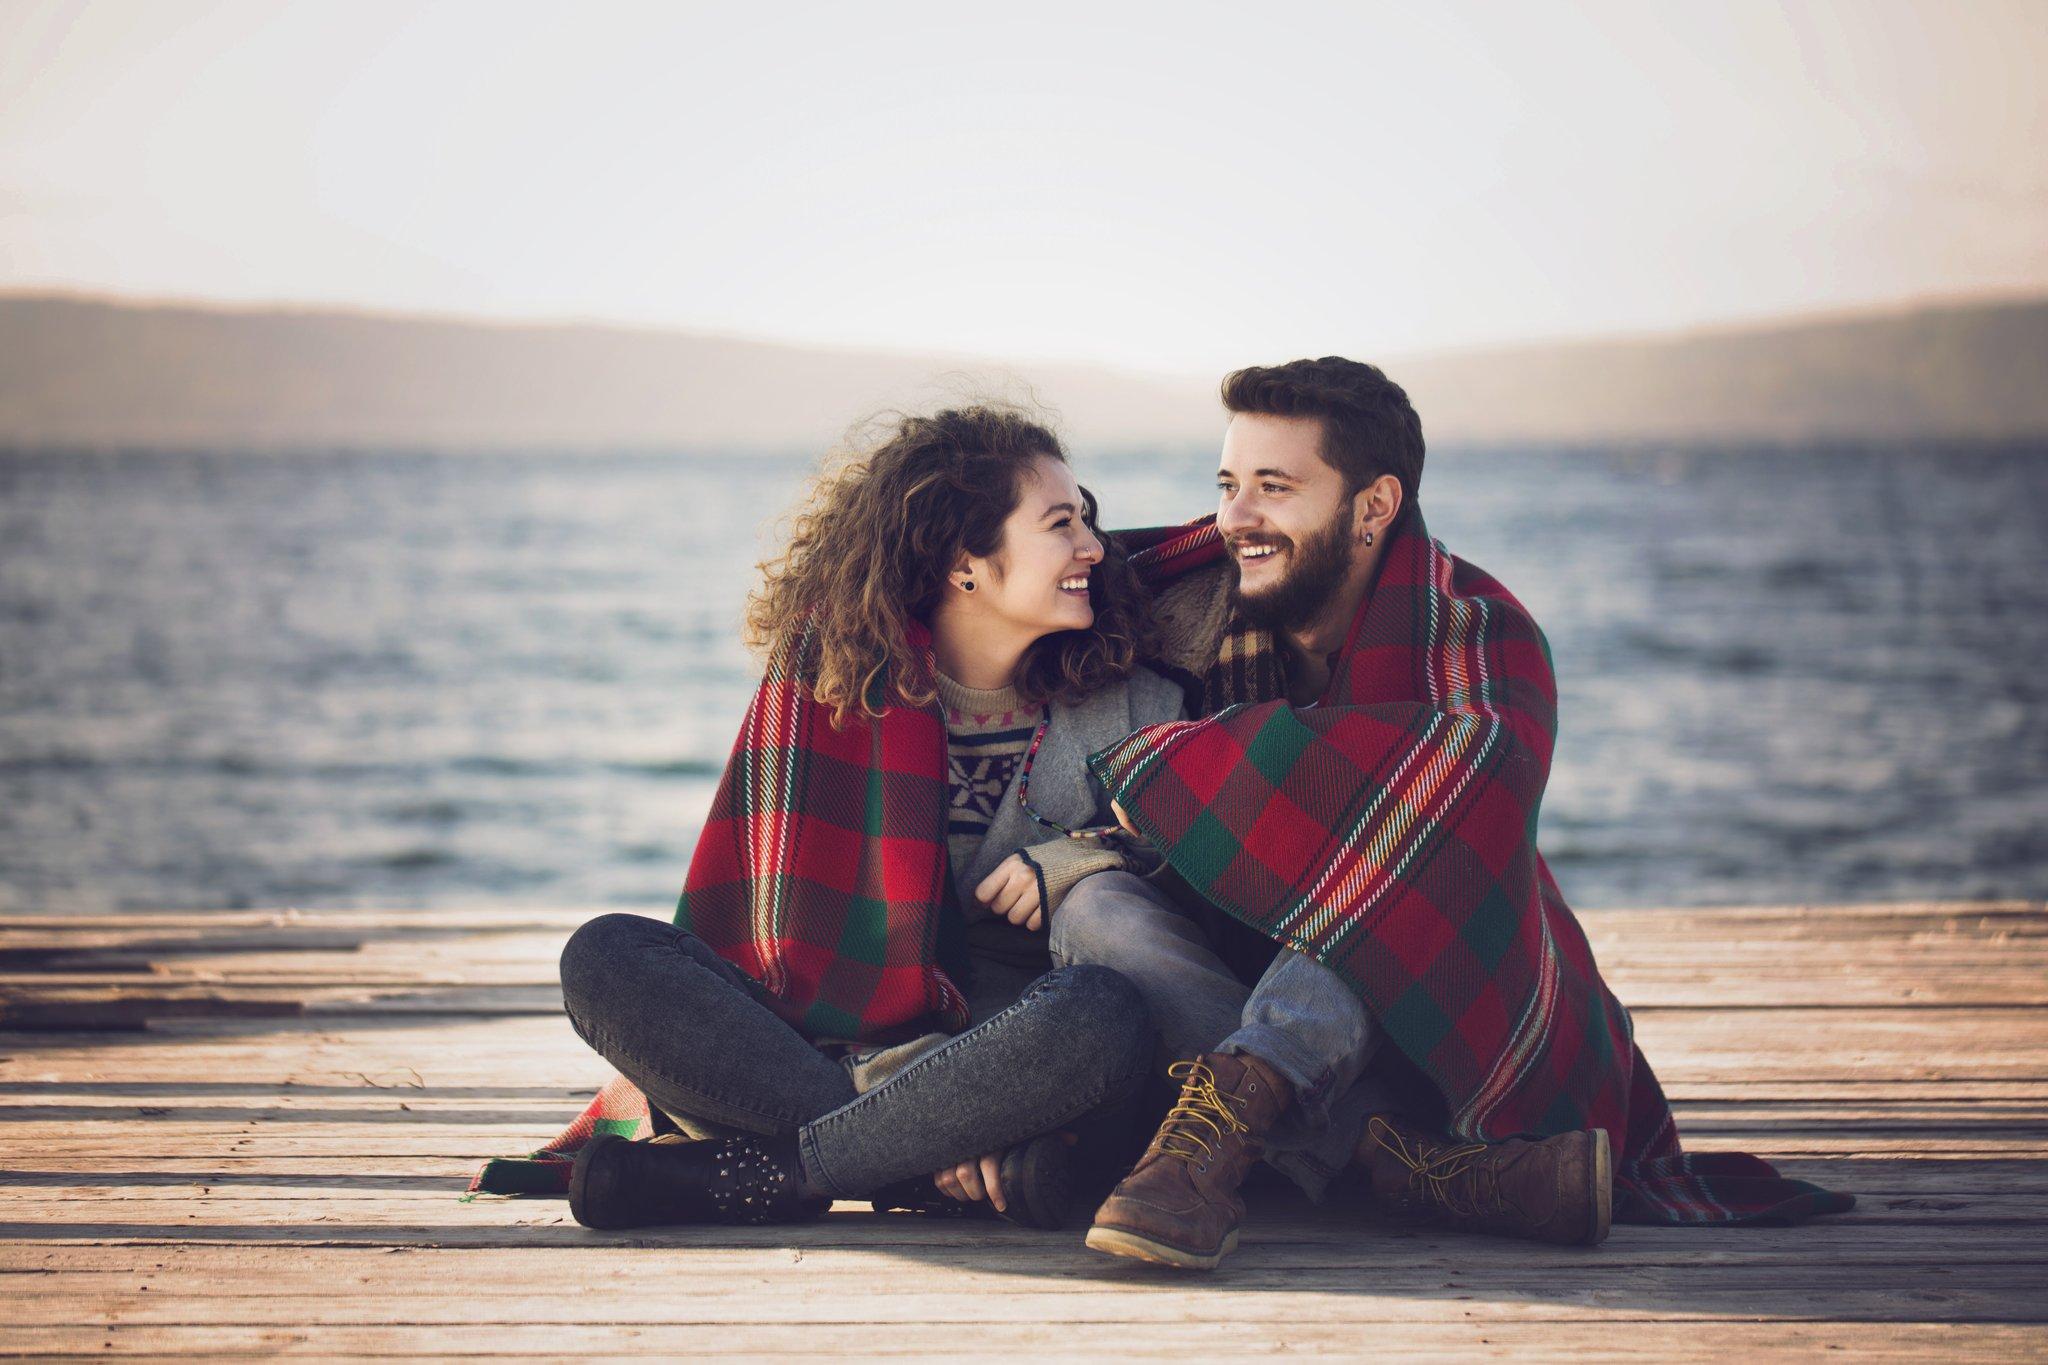 بالصور اجمل صور حب رومانسيه , الحب والرومانسيه وعلاقتهم بالحياه 6633